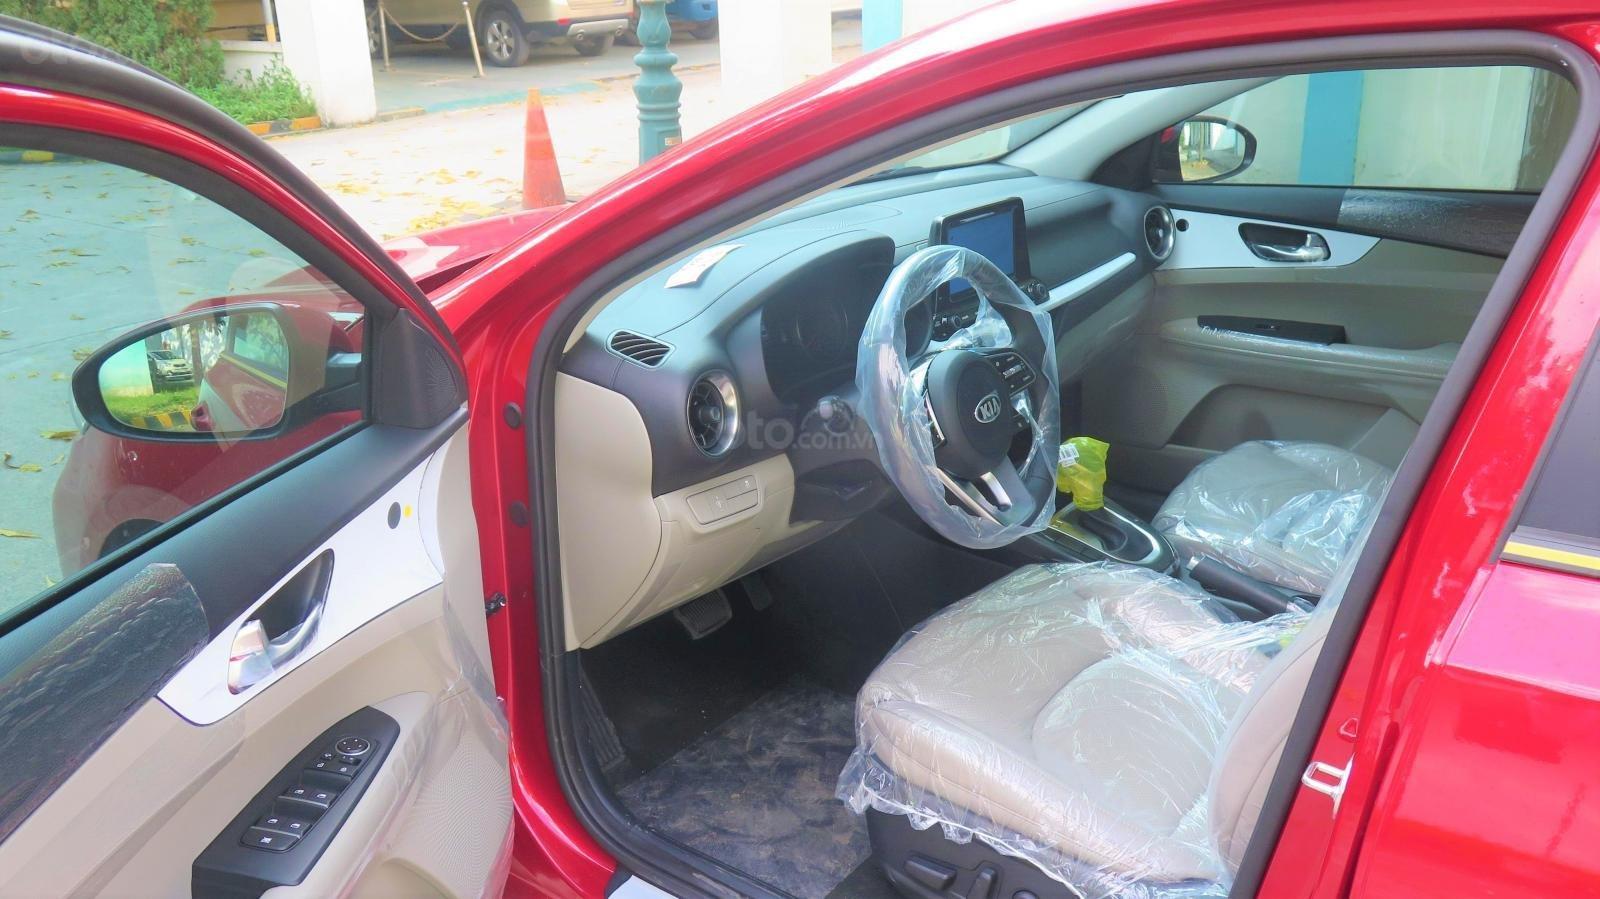 Bán xe Kia Cerato 1.6 AT Luxury SX 2019 màu đỏ giá 635 triệu (16)